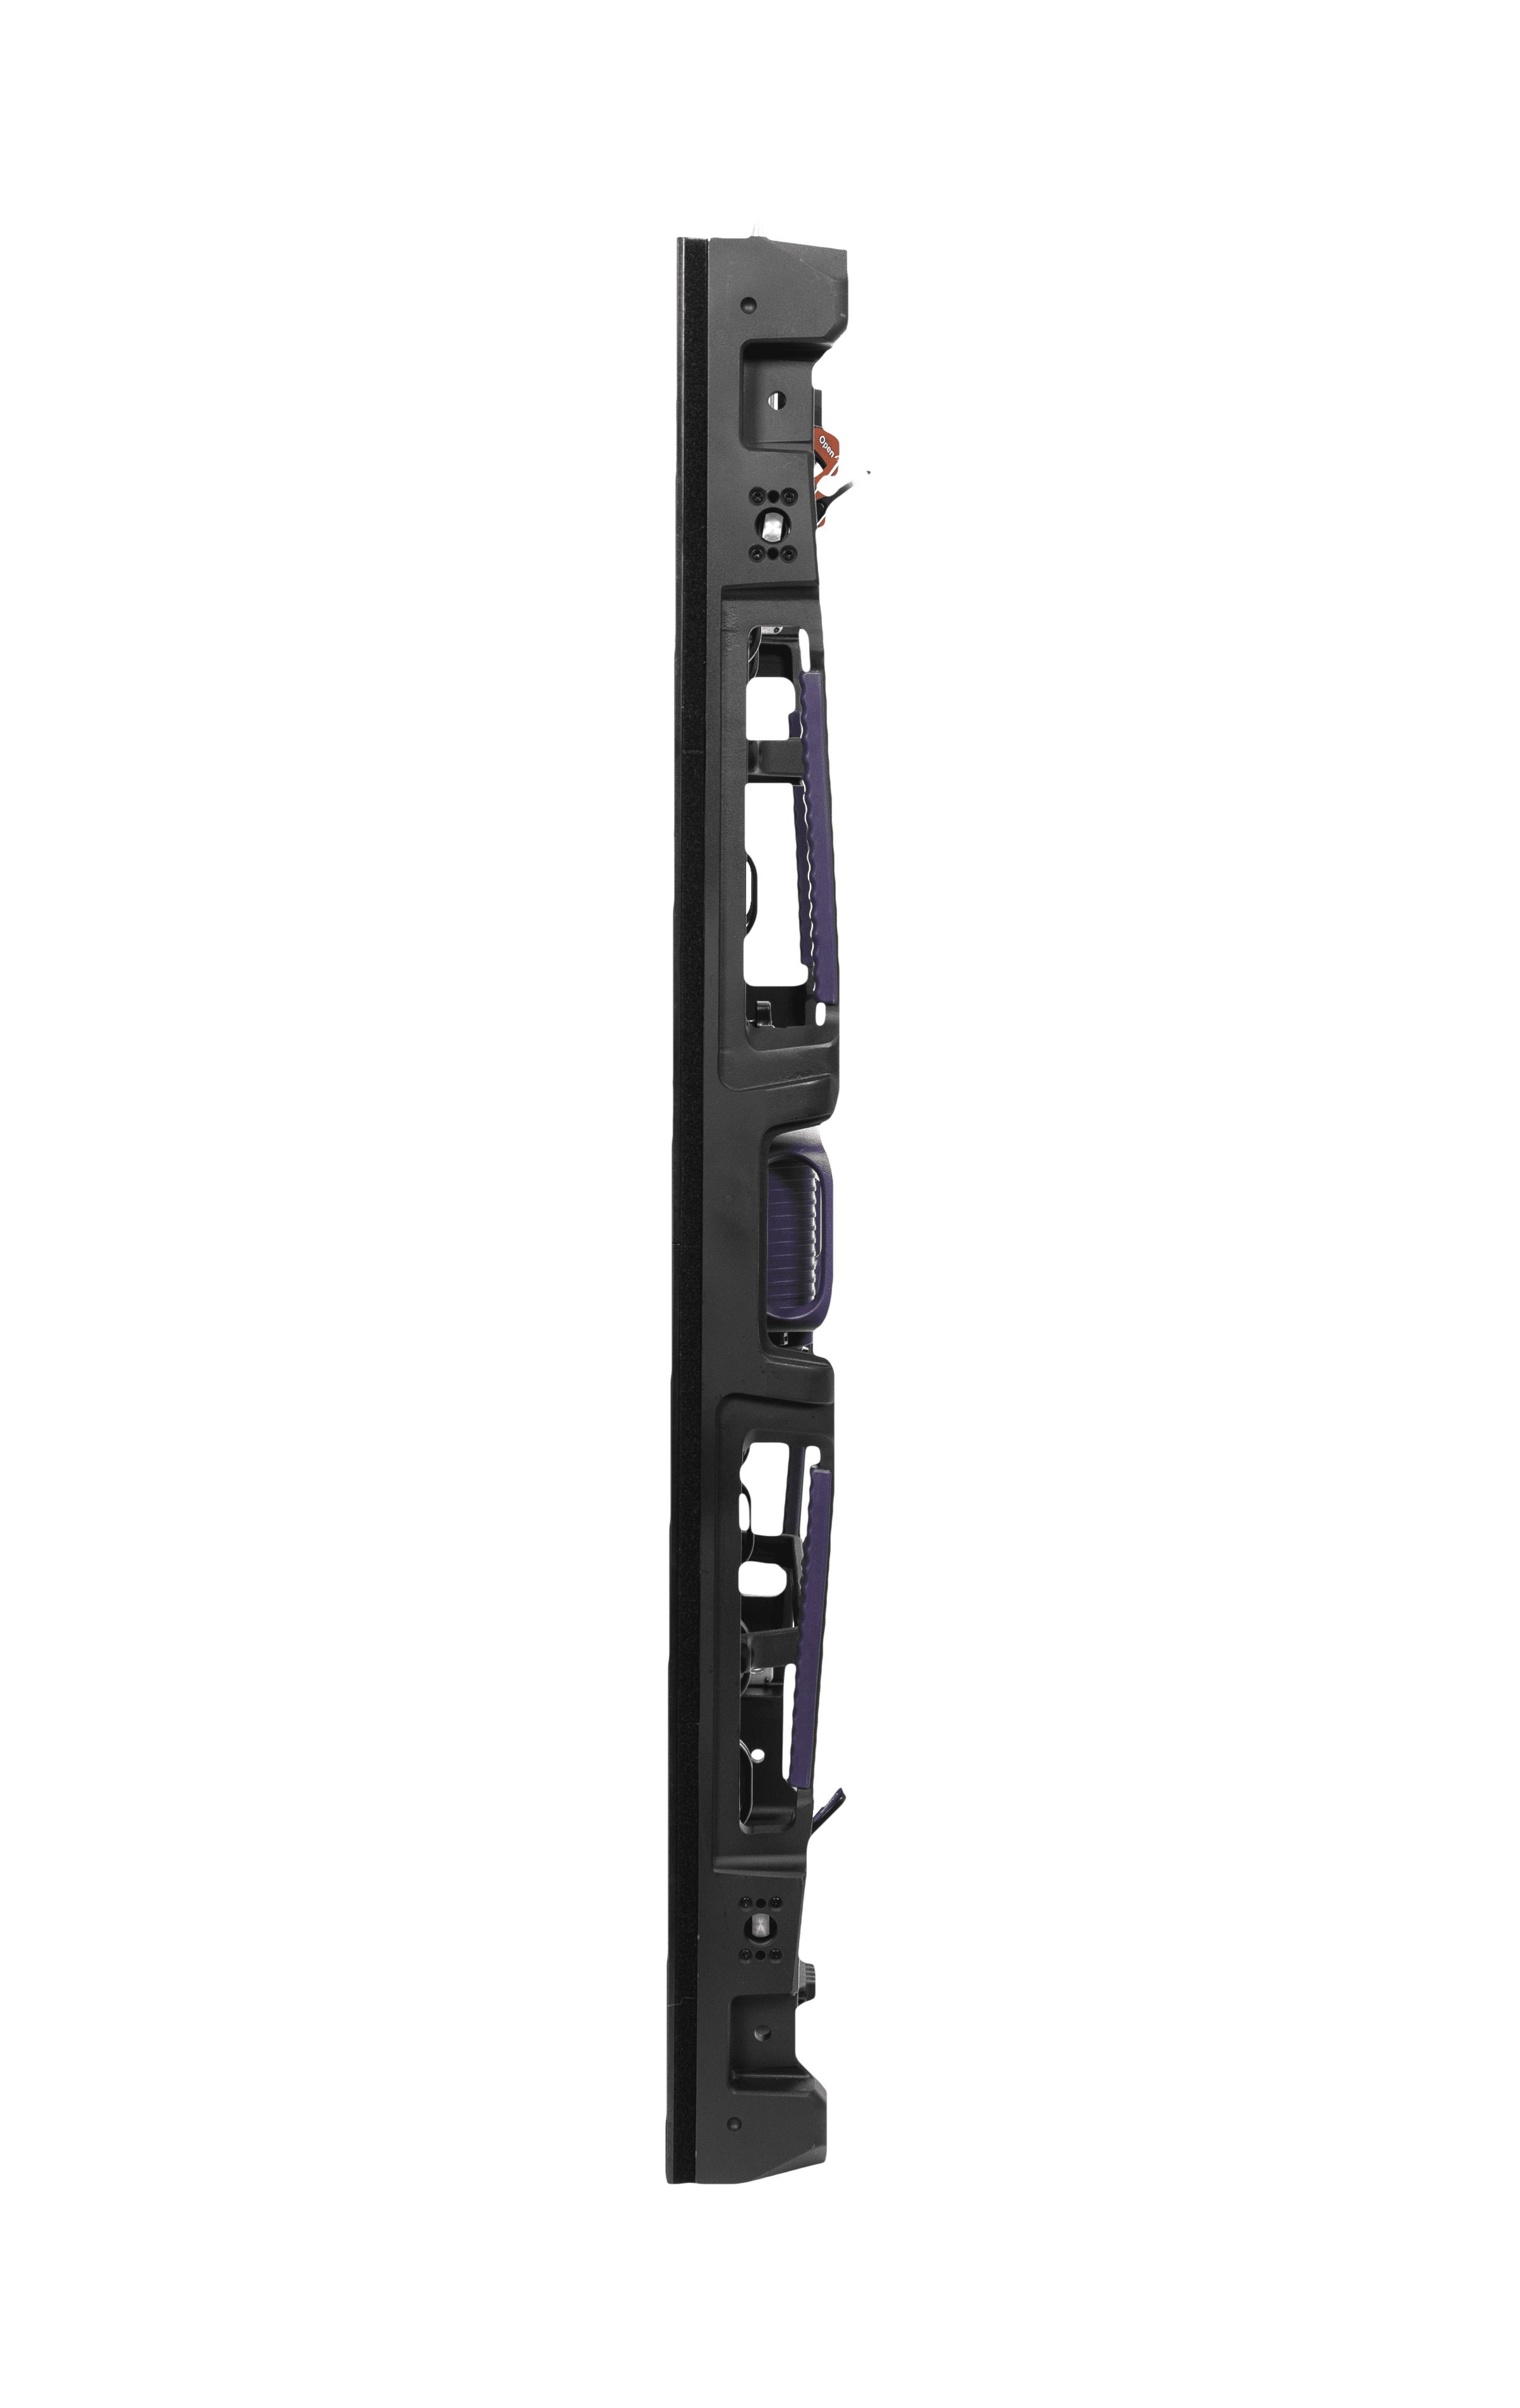 P4+WH Pro, Pro-Serie, LED Wand kaufen, LED Wand leihen